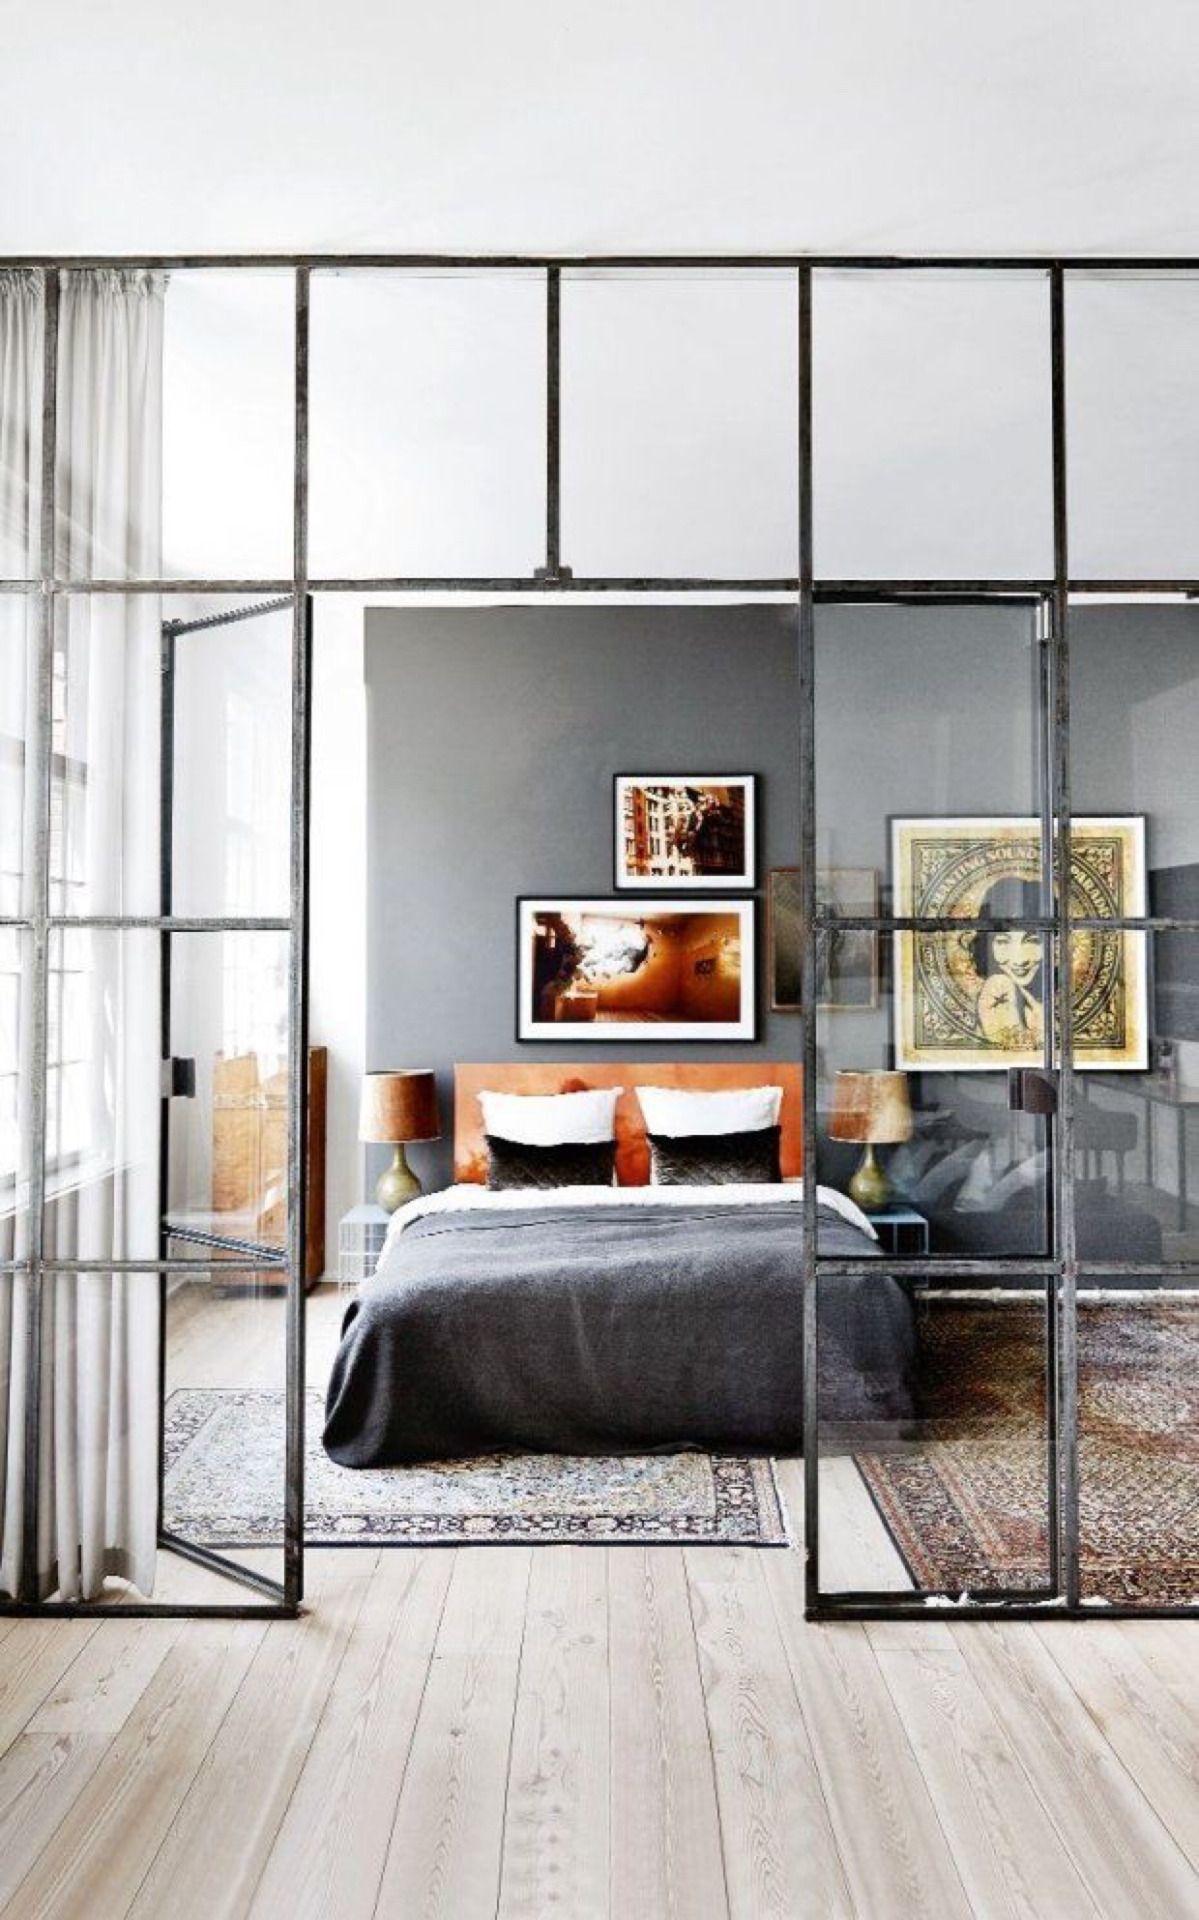 10 mẫu phòng ngủ lý tưởng với vách ngăn bằng kính với không gian còn lại trong nhà - Ảnh 8.